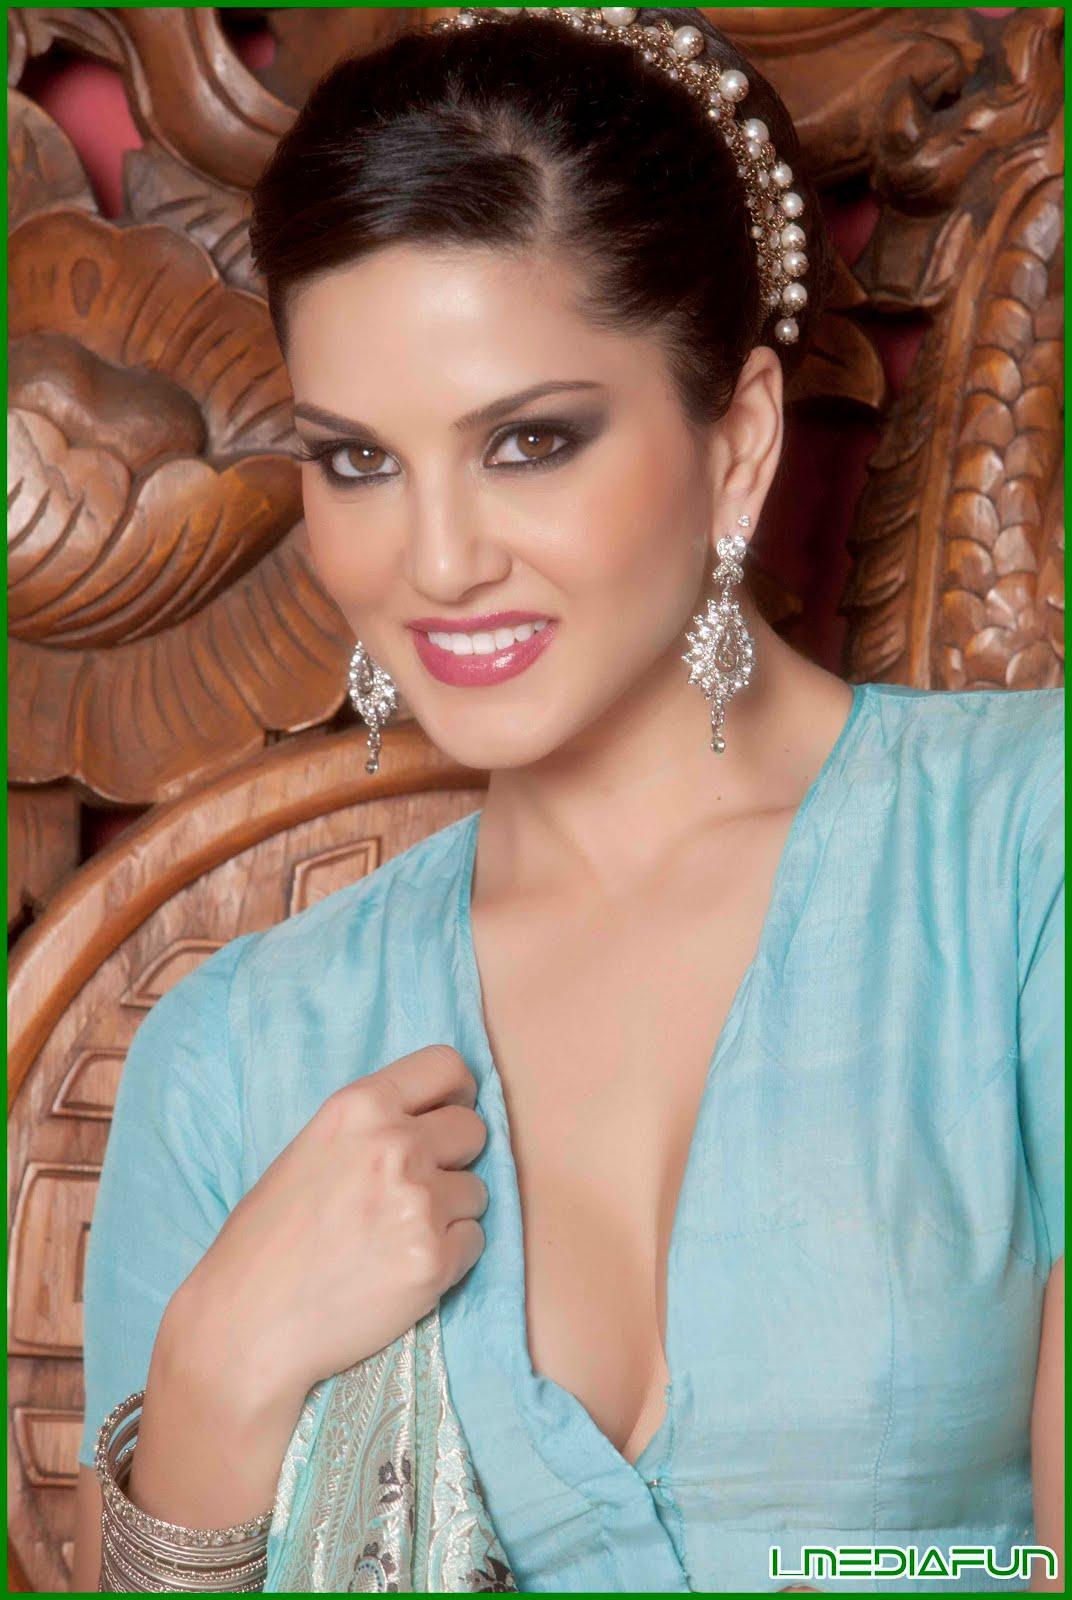 Sunny Leone's Bollywood photoshoot in Blue Saree - Actress